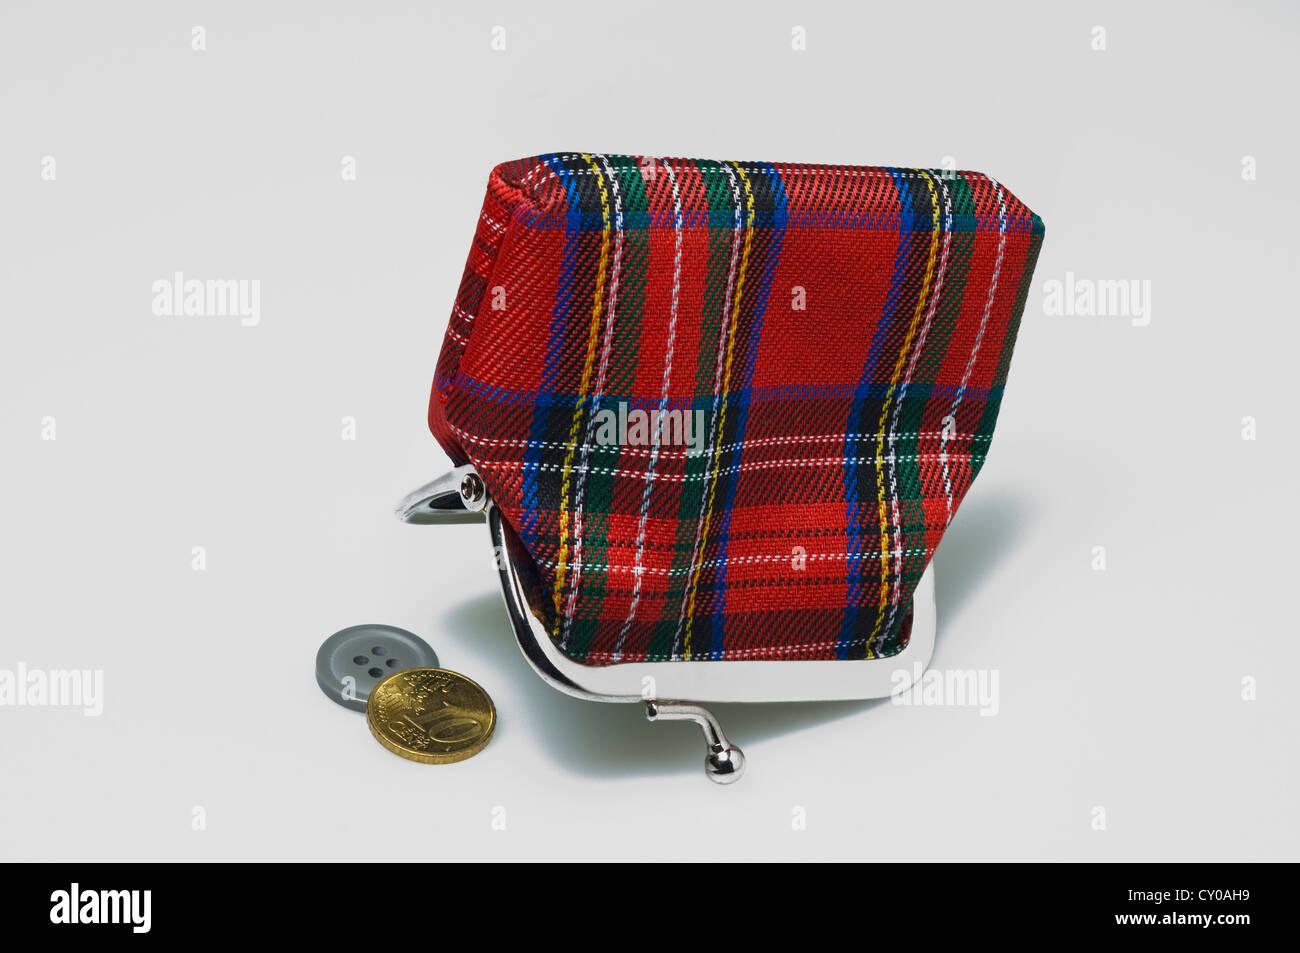 Auf den Kopf nach unten Scotsmans Geldbörse mit einer 10-Cent-Münze und eine Schaltfläche, symbolisches Stockbild